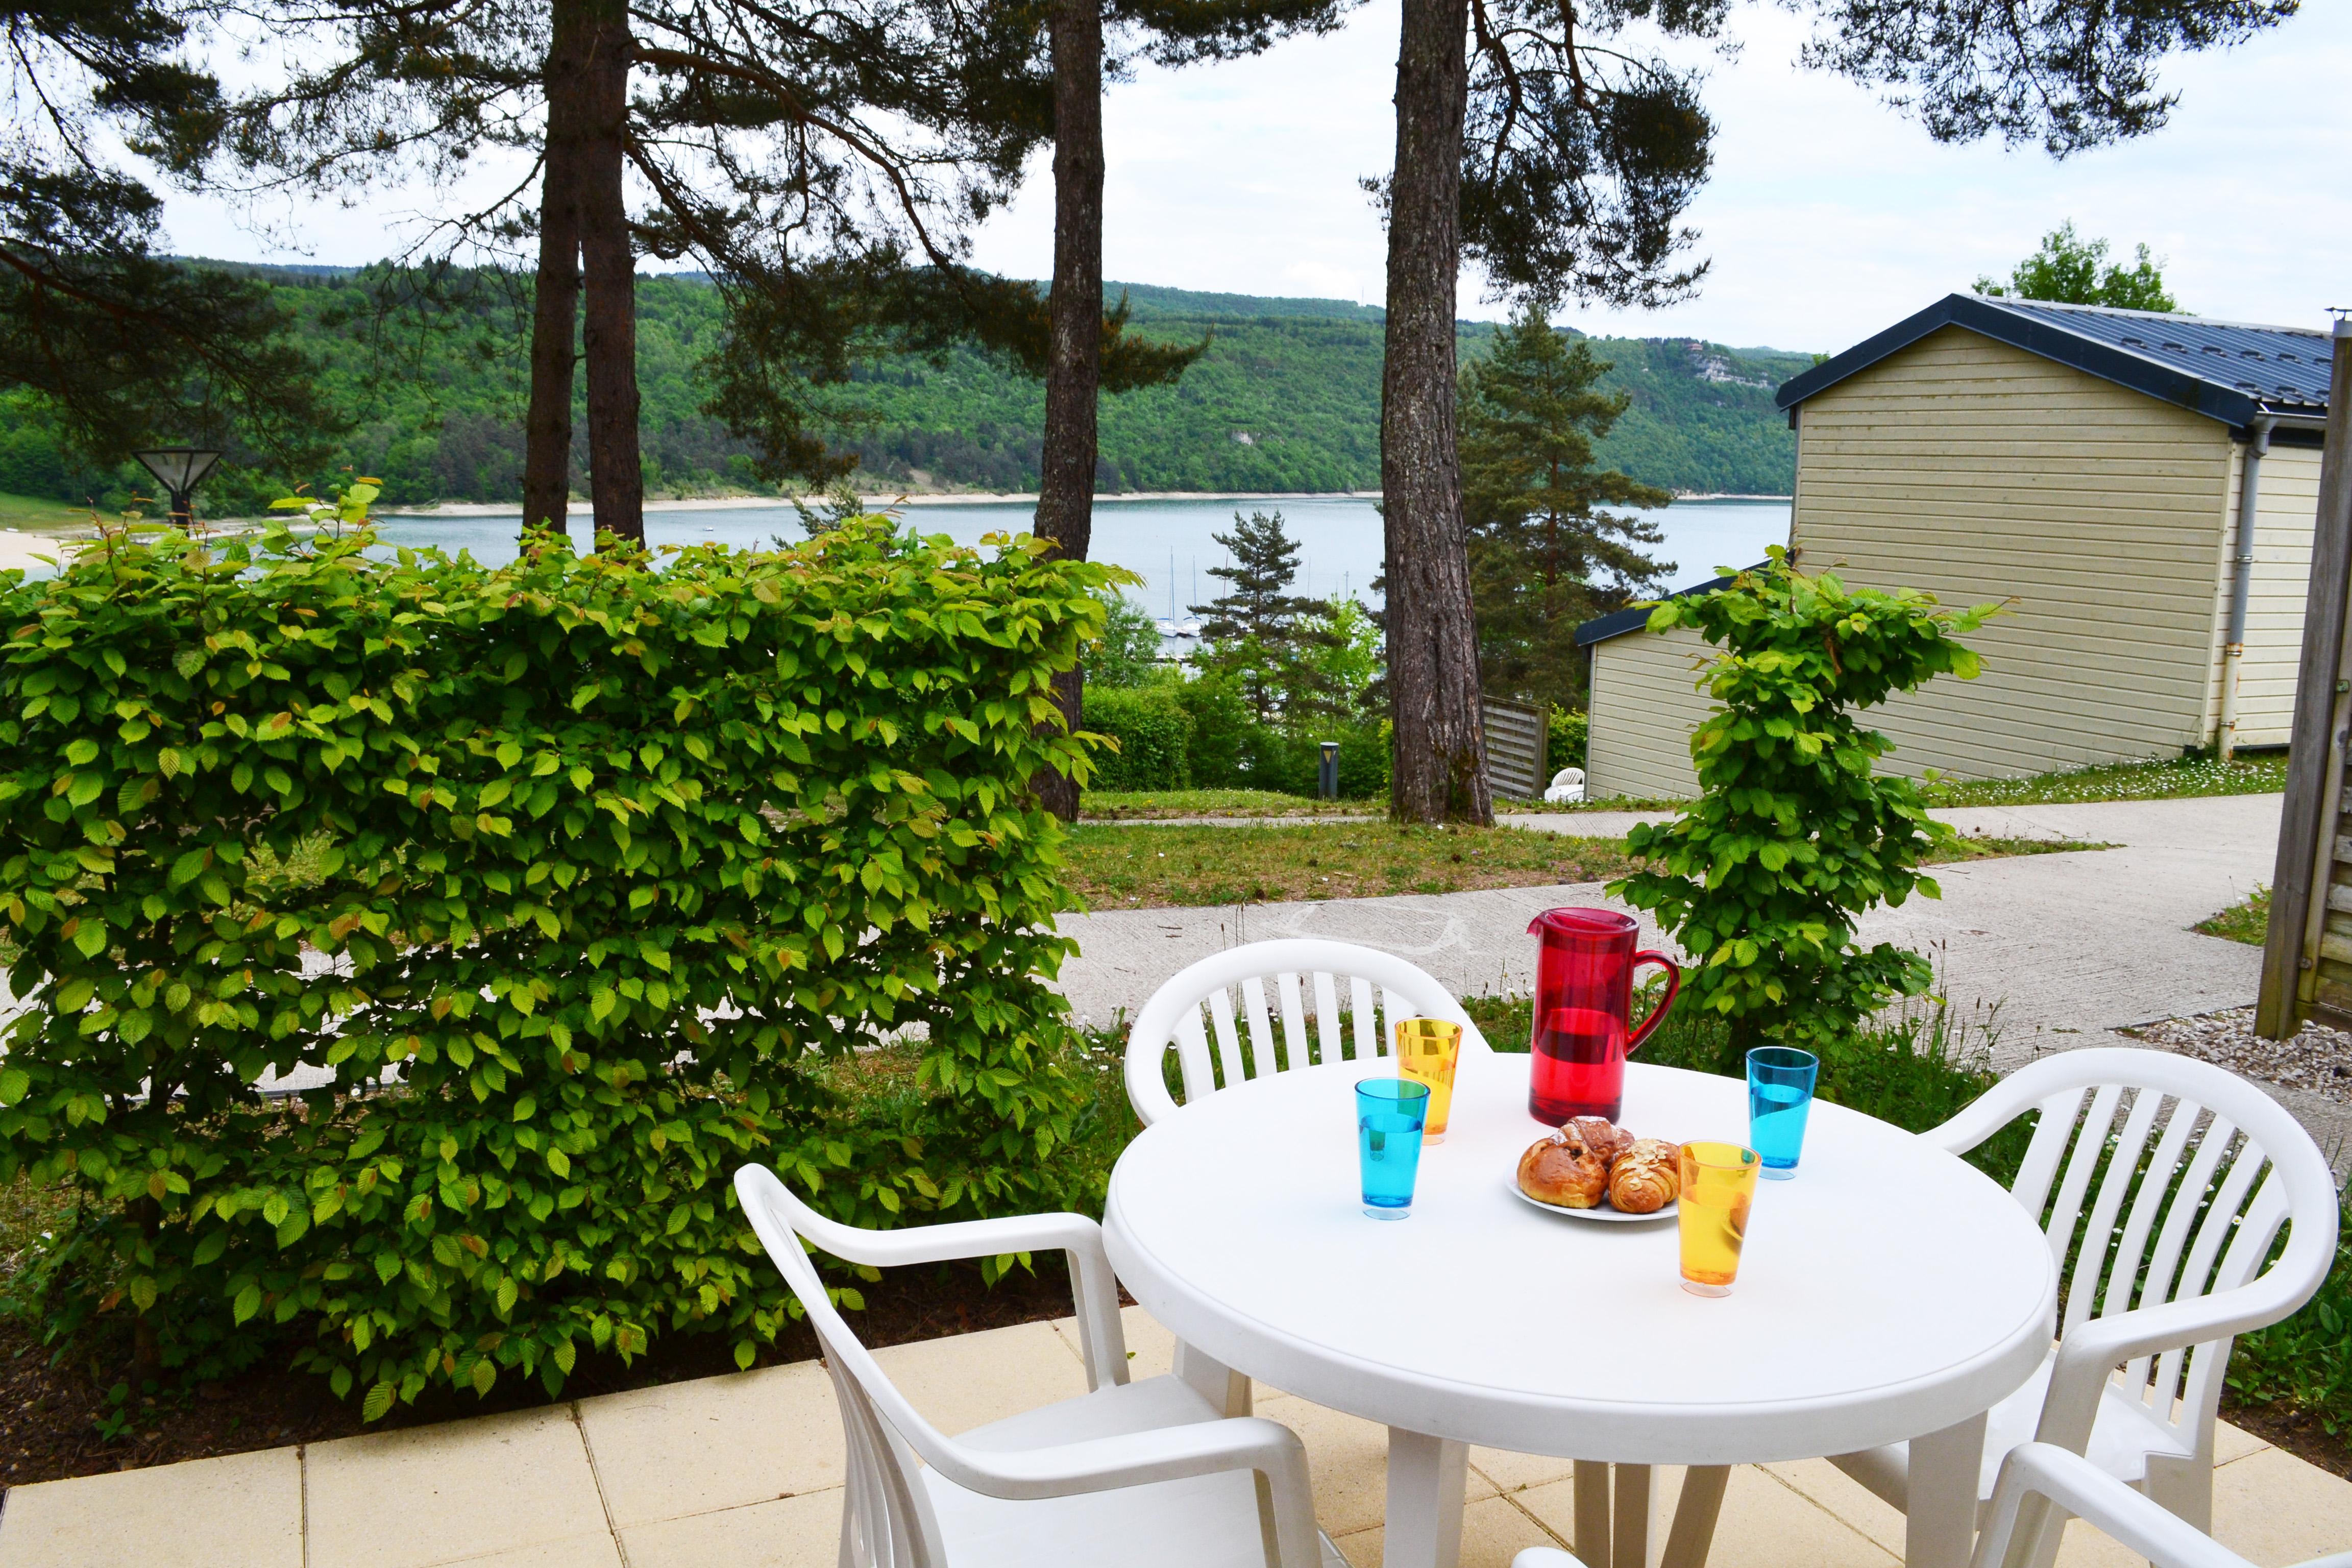 Location jura votre location vacances maisod avec vvf for Village vacances jura avec piscine